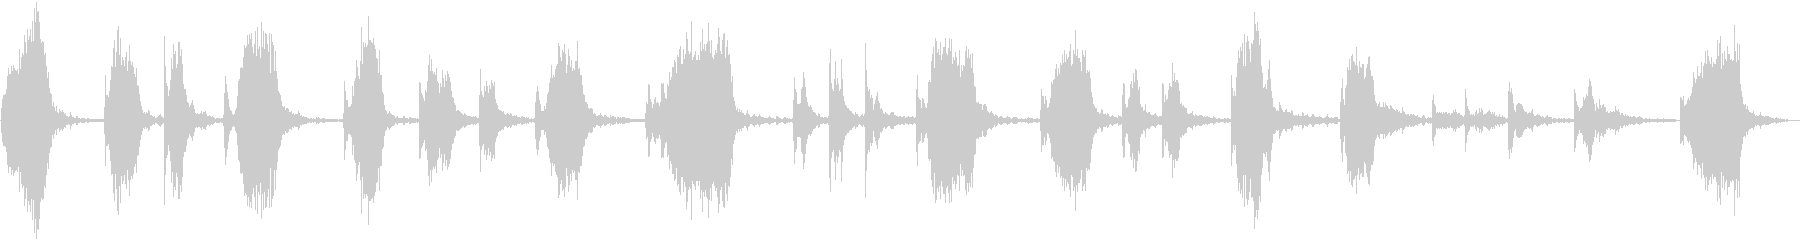 FAN GARDEN RAKE:R...の未再生の波形